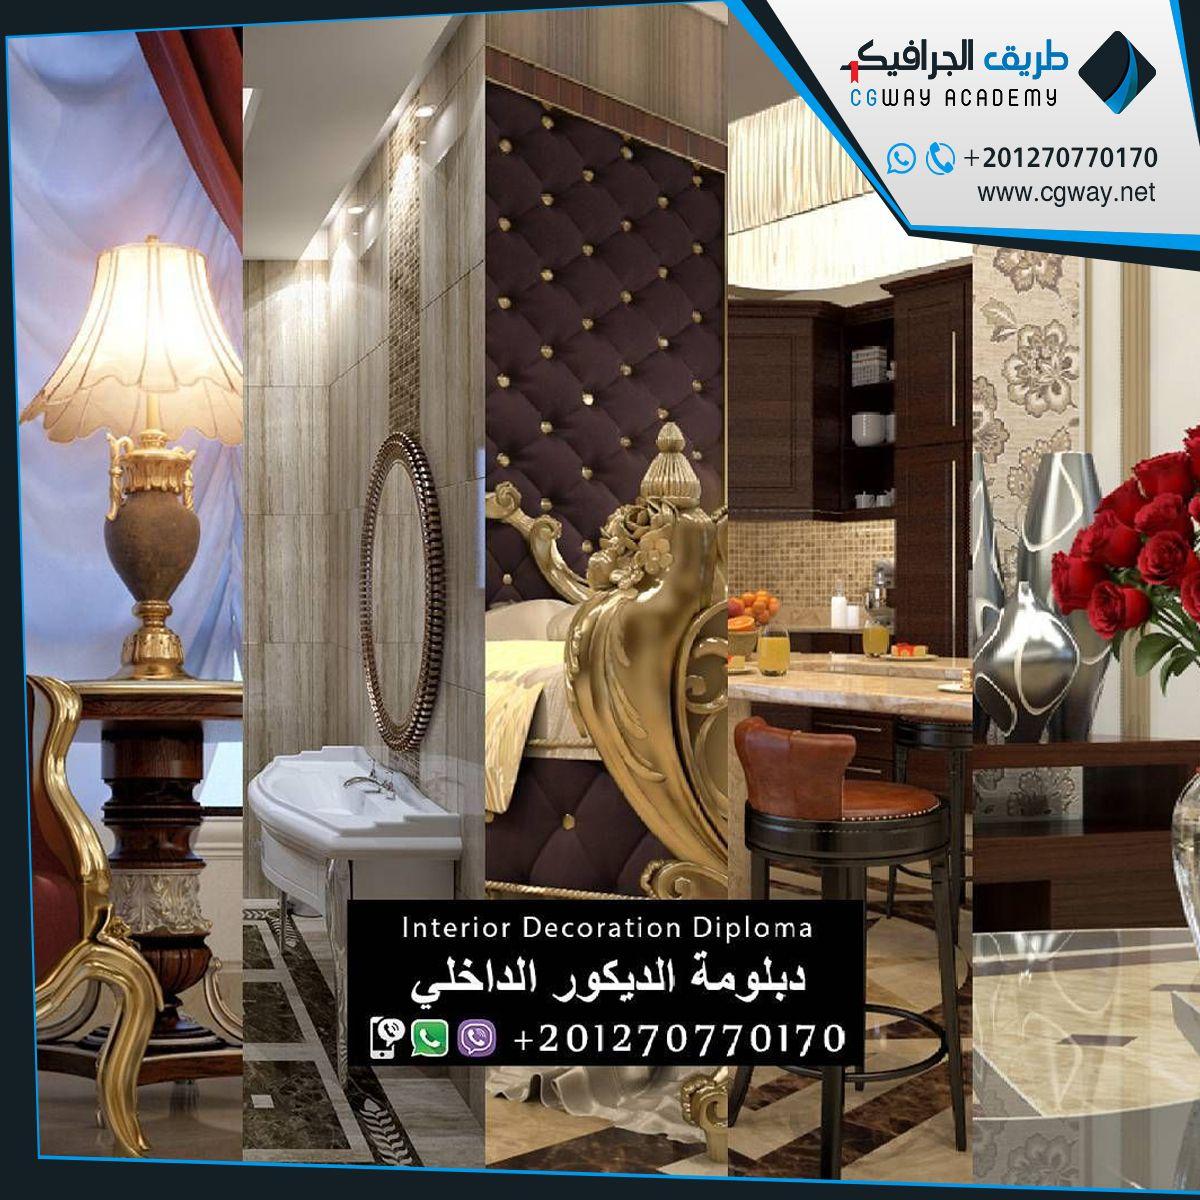 دبلومة الديكور و التصميم الداخلي والإظهار المعماري الخارجي تعلم بالعربية Interior Decorating Diploma Online Interior